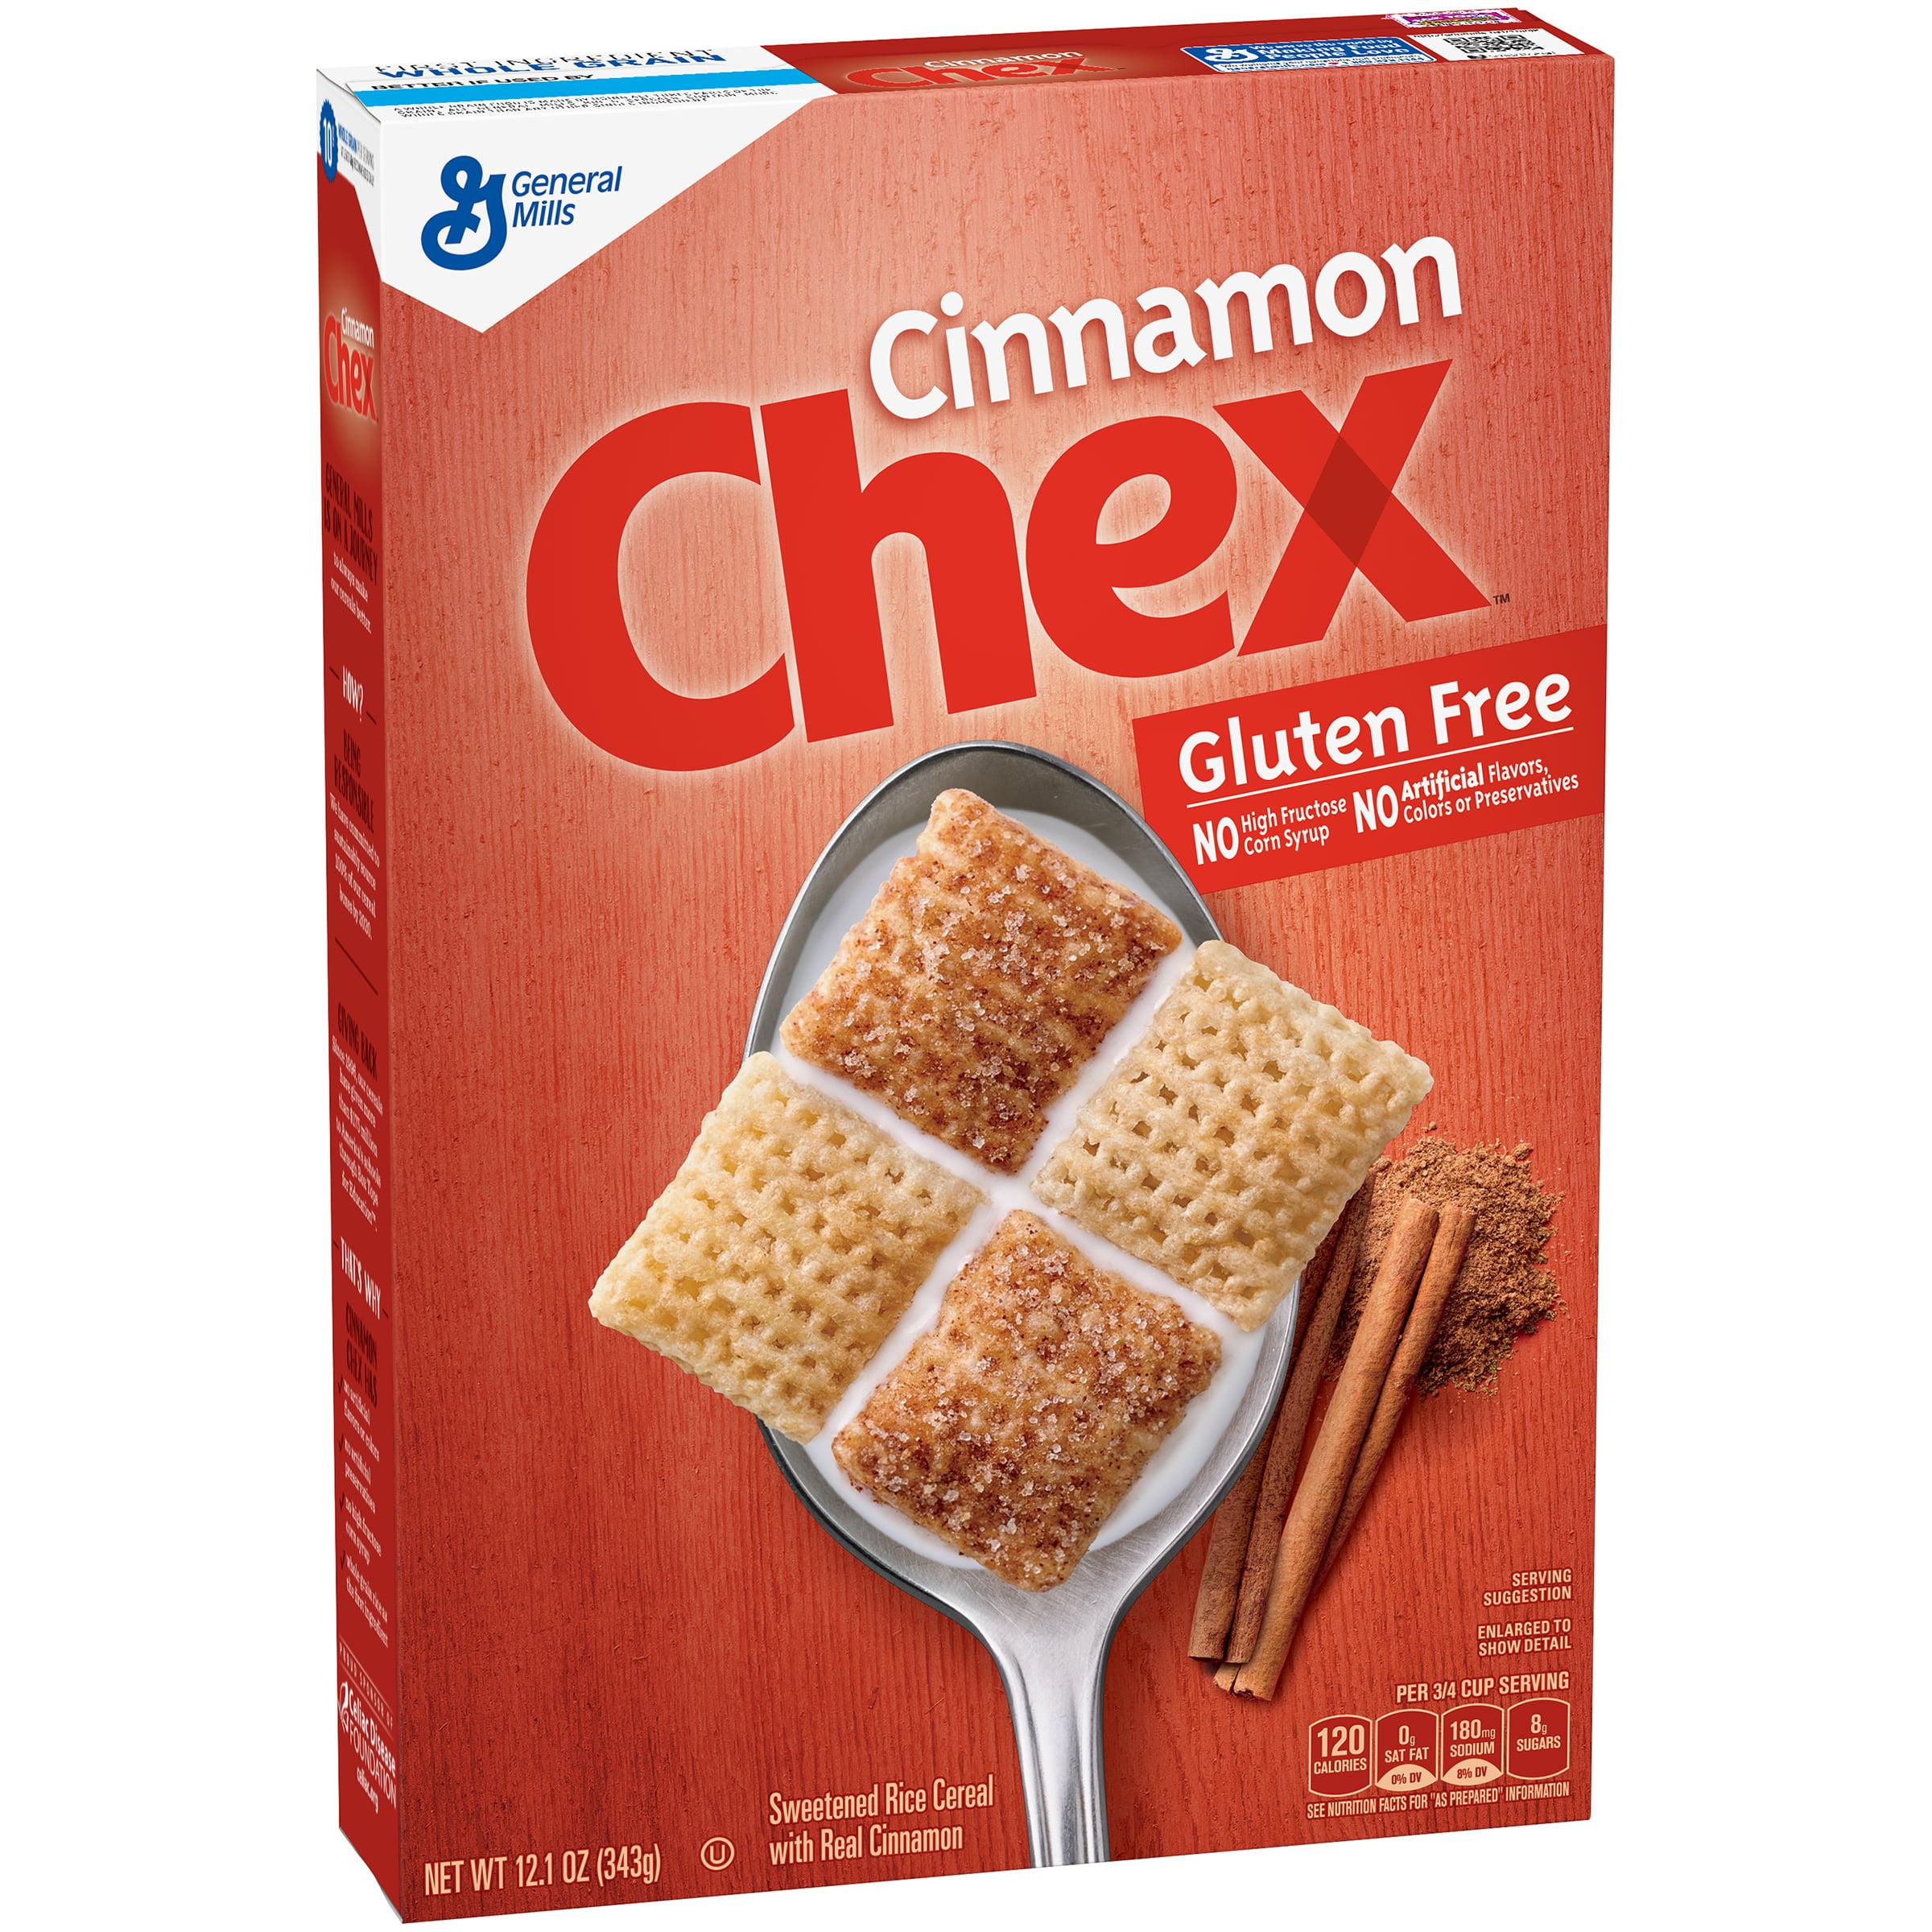 Cinnamon Chex��� Gluten Free Cereal 12.1 oz. Box